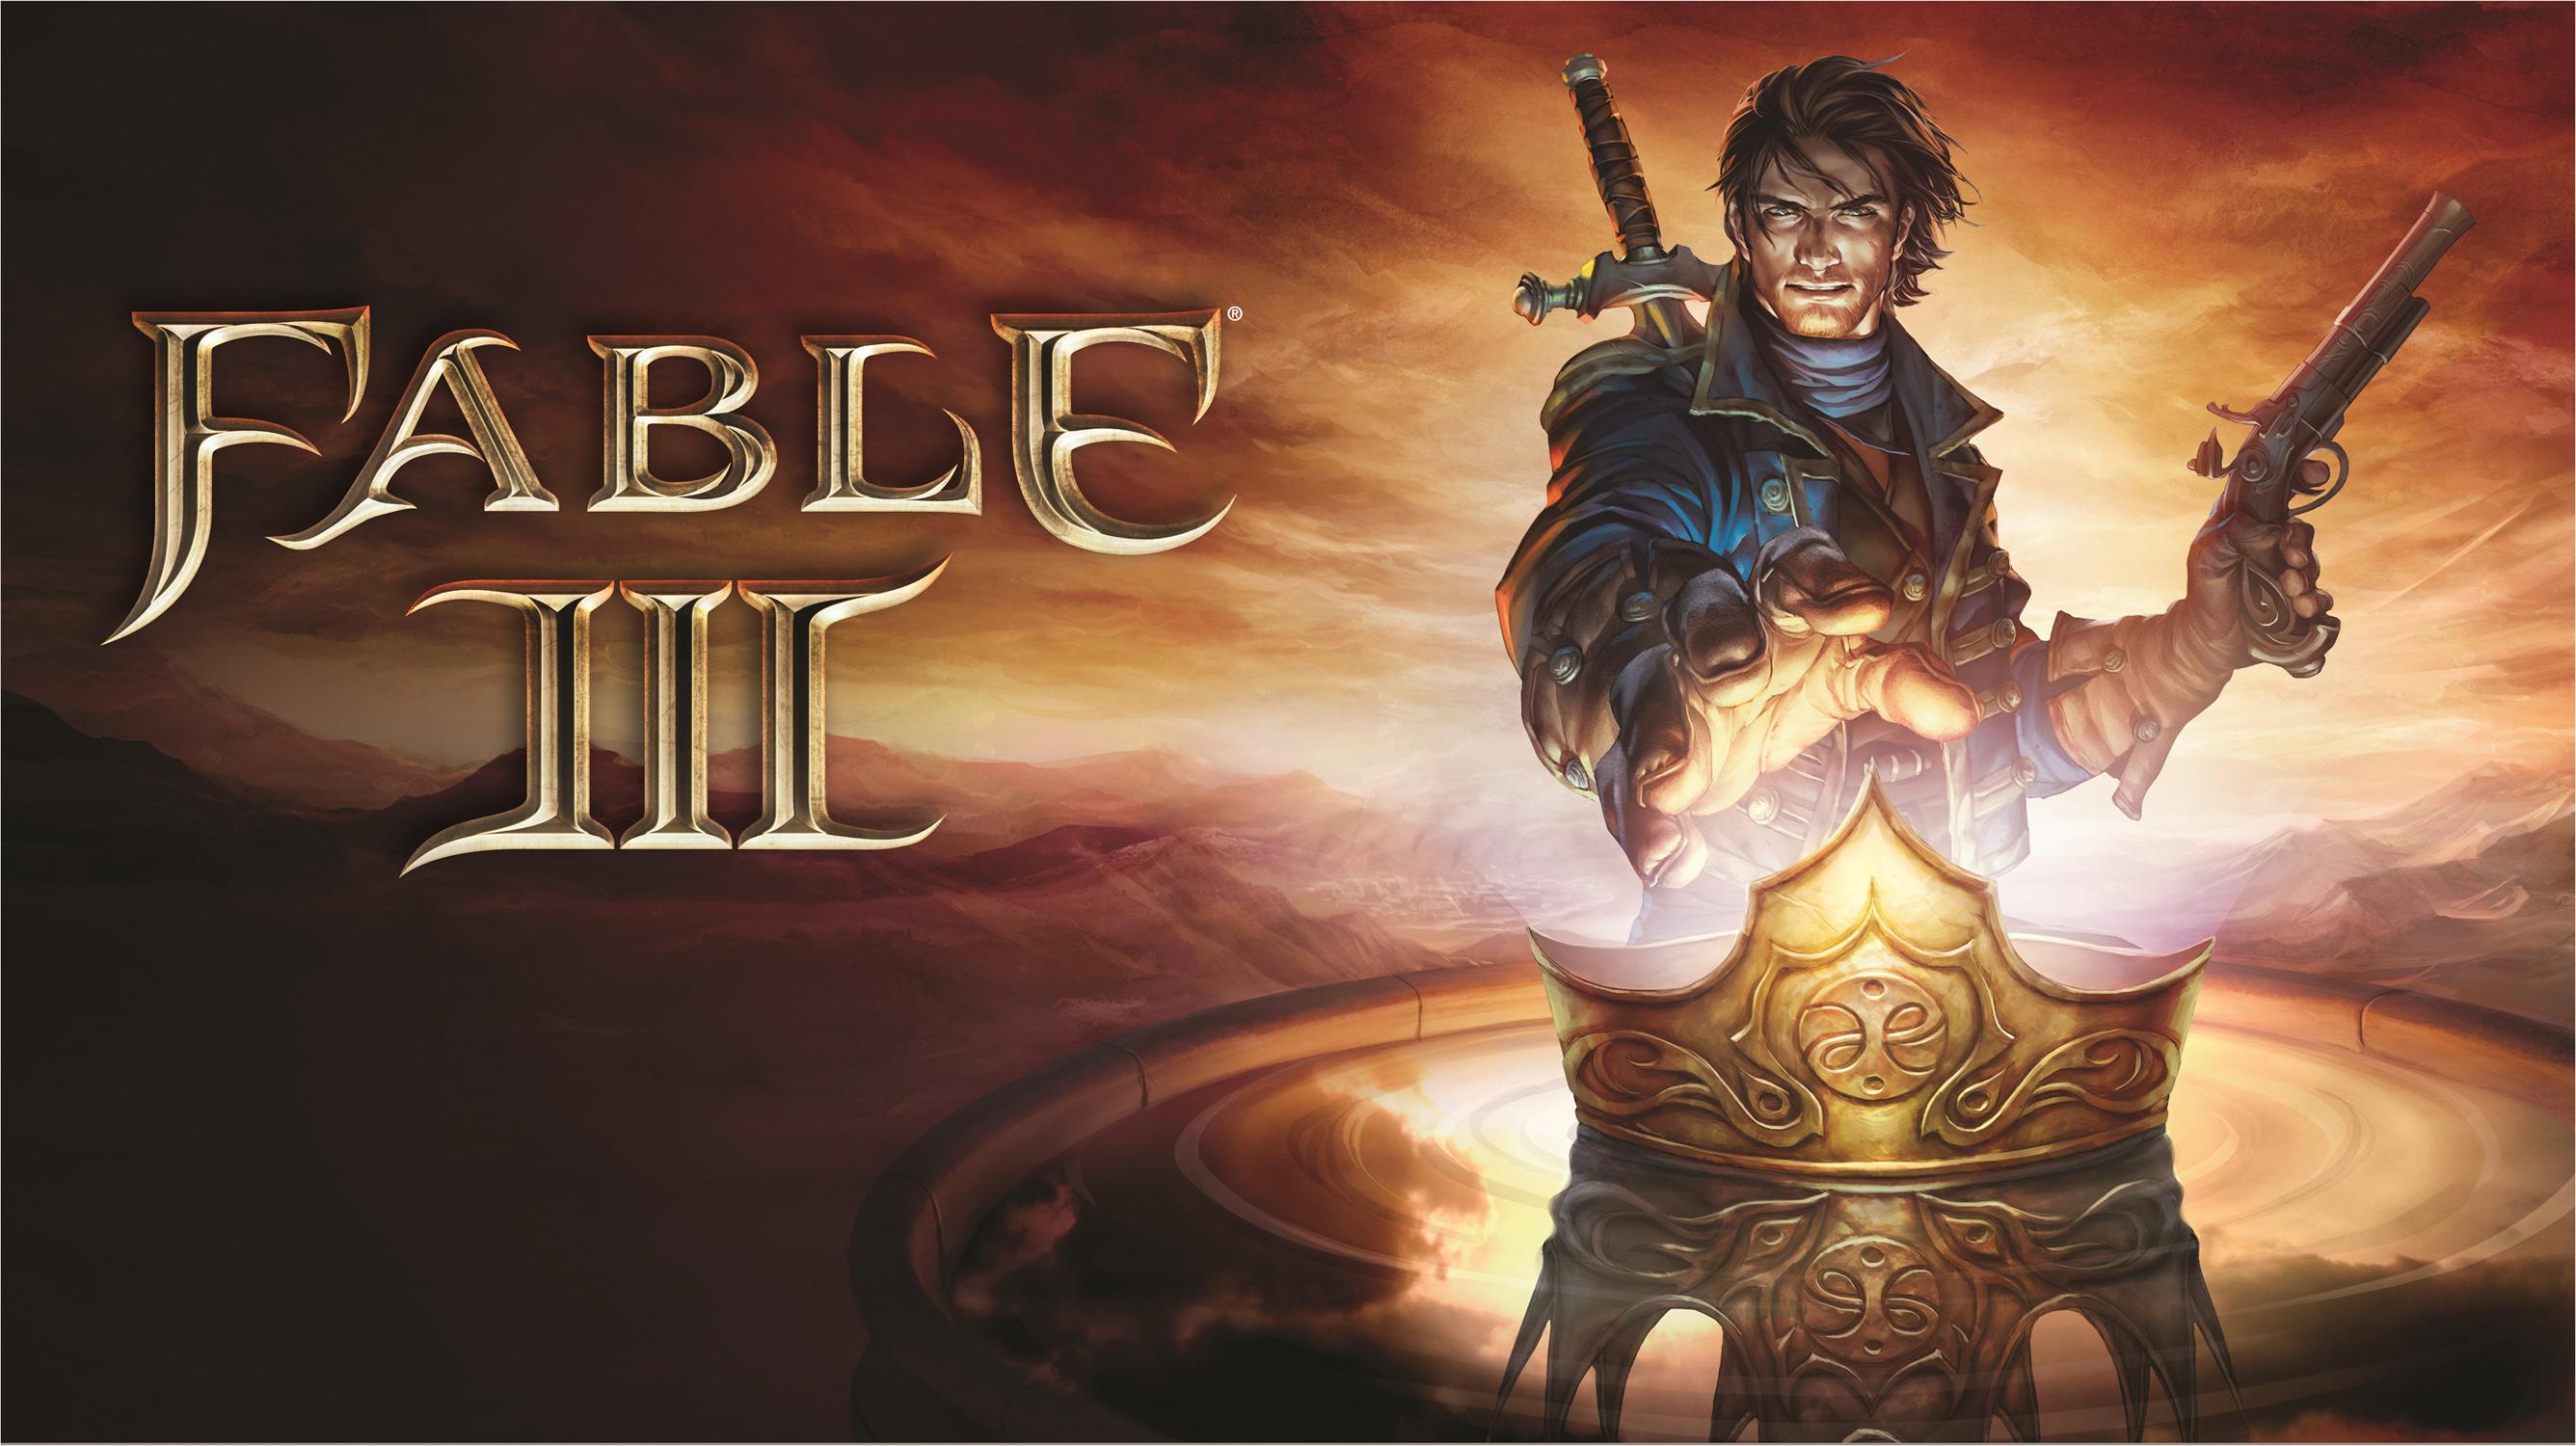 Los requerimientos de Fable III para PC son... [Requerimientos]